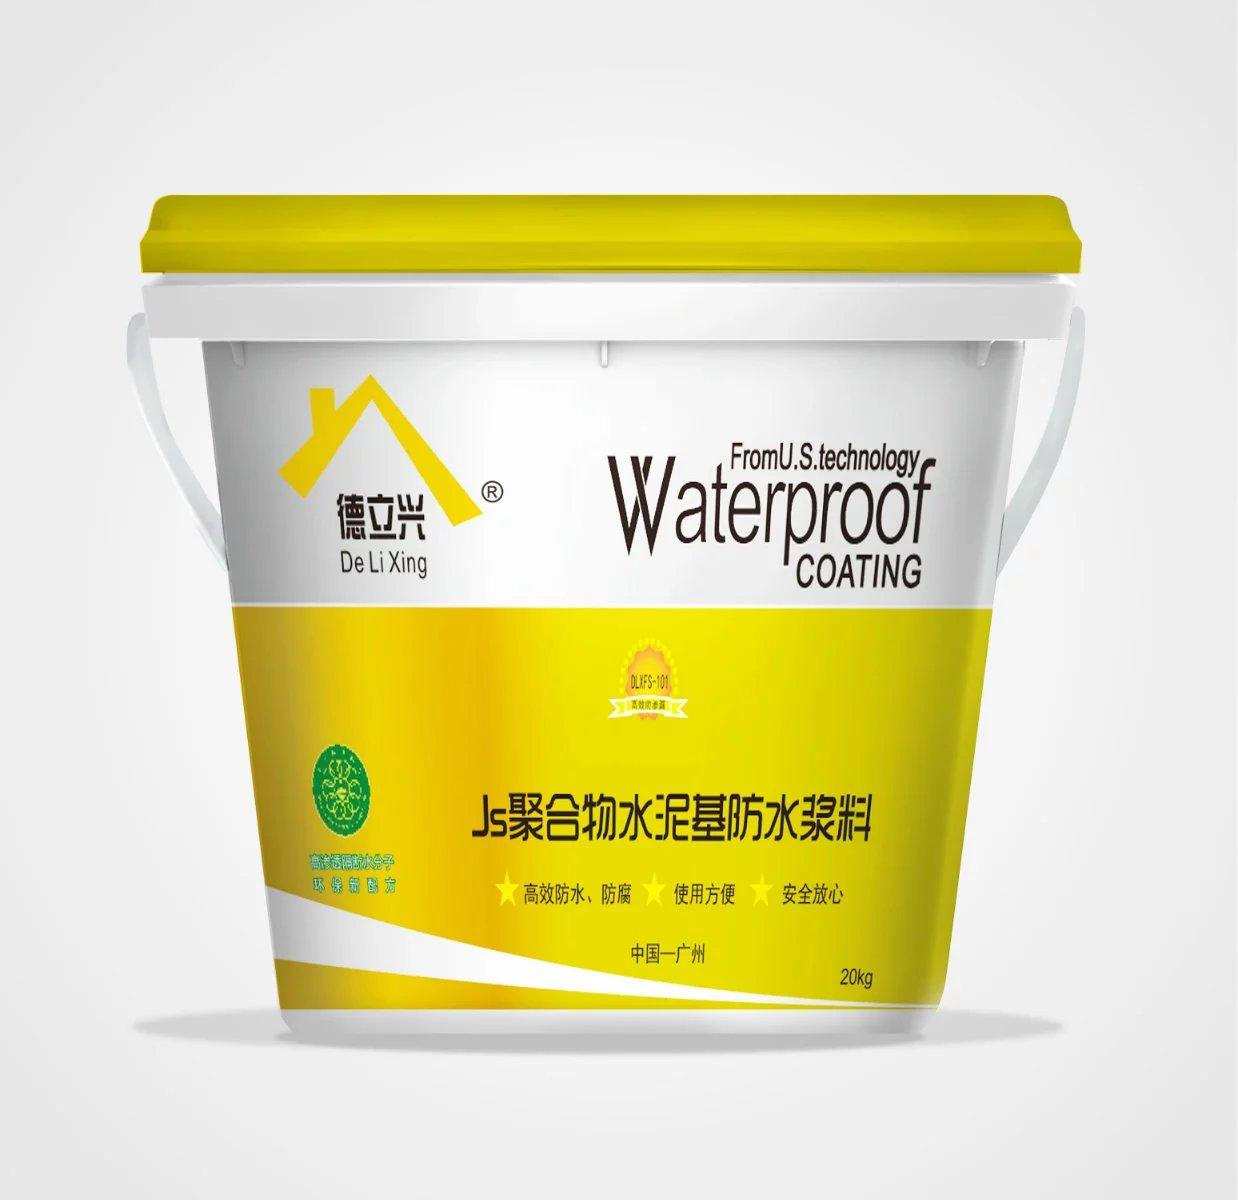 德立兴 防水厂家JS聚合物水泥基防水